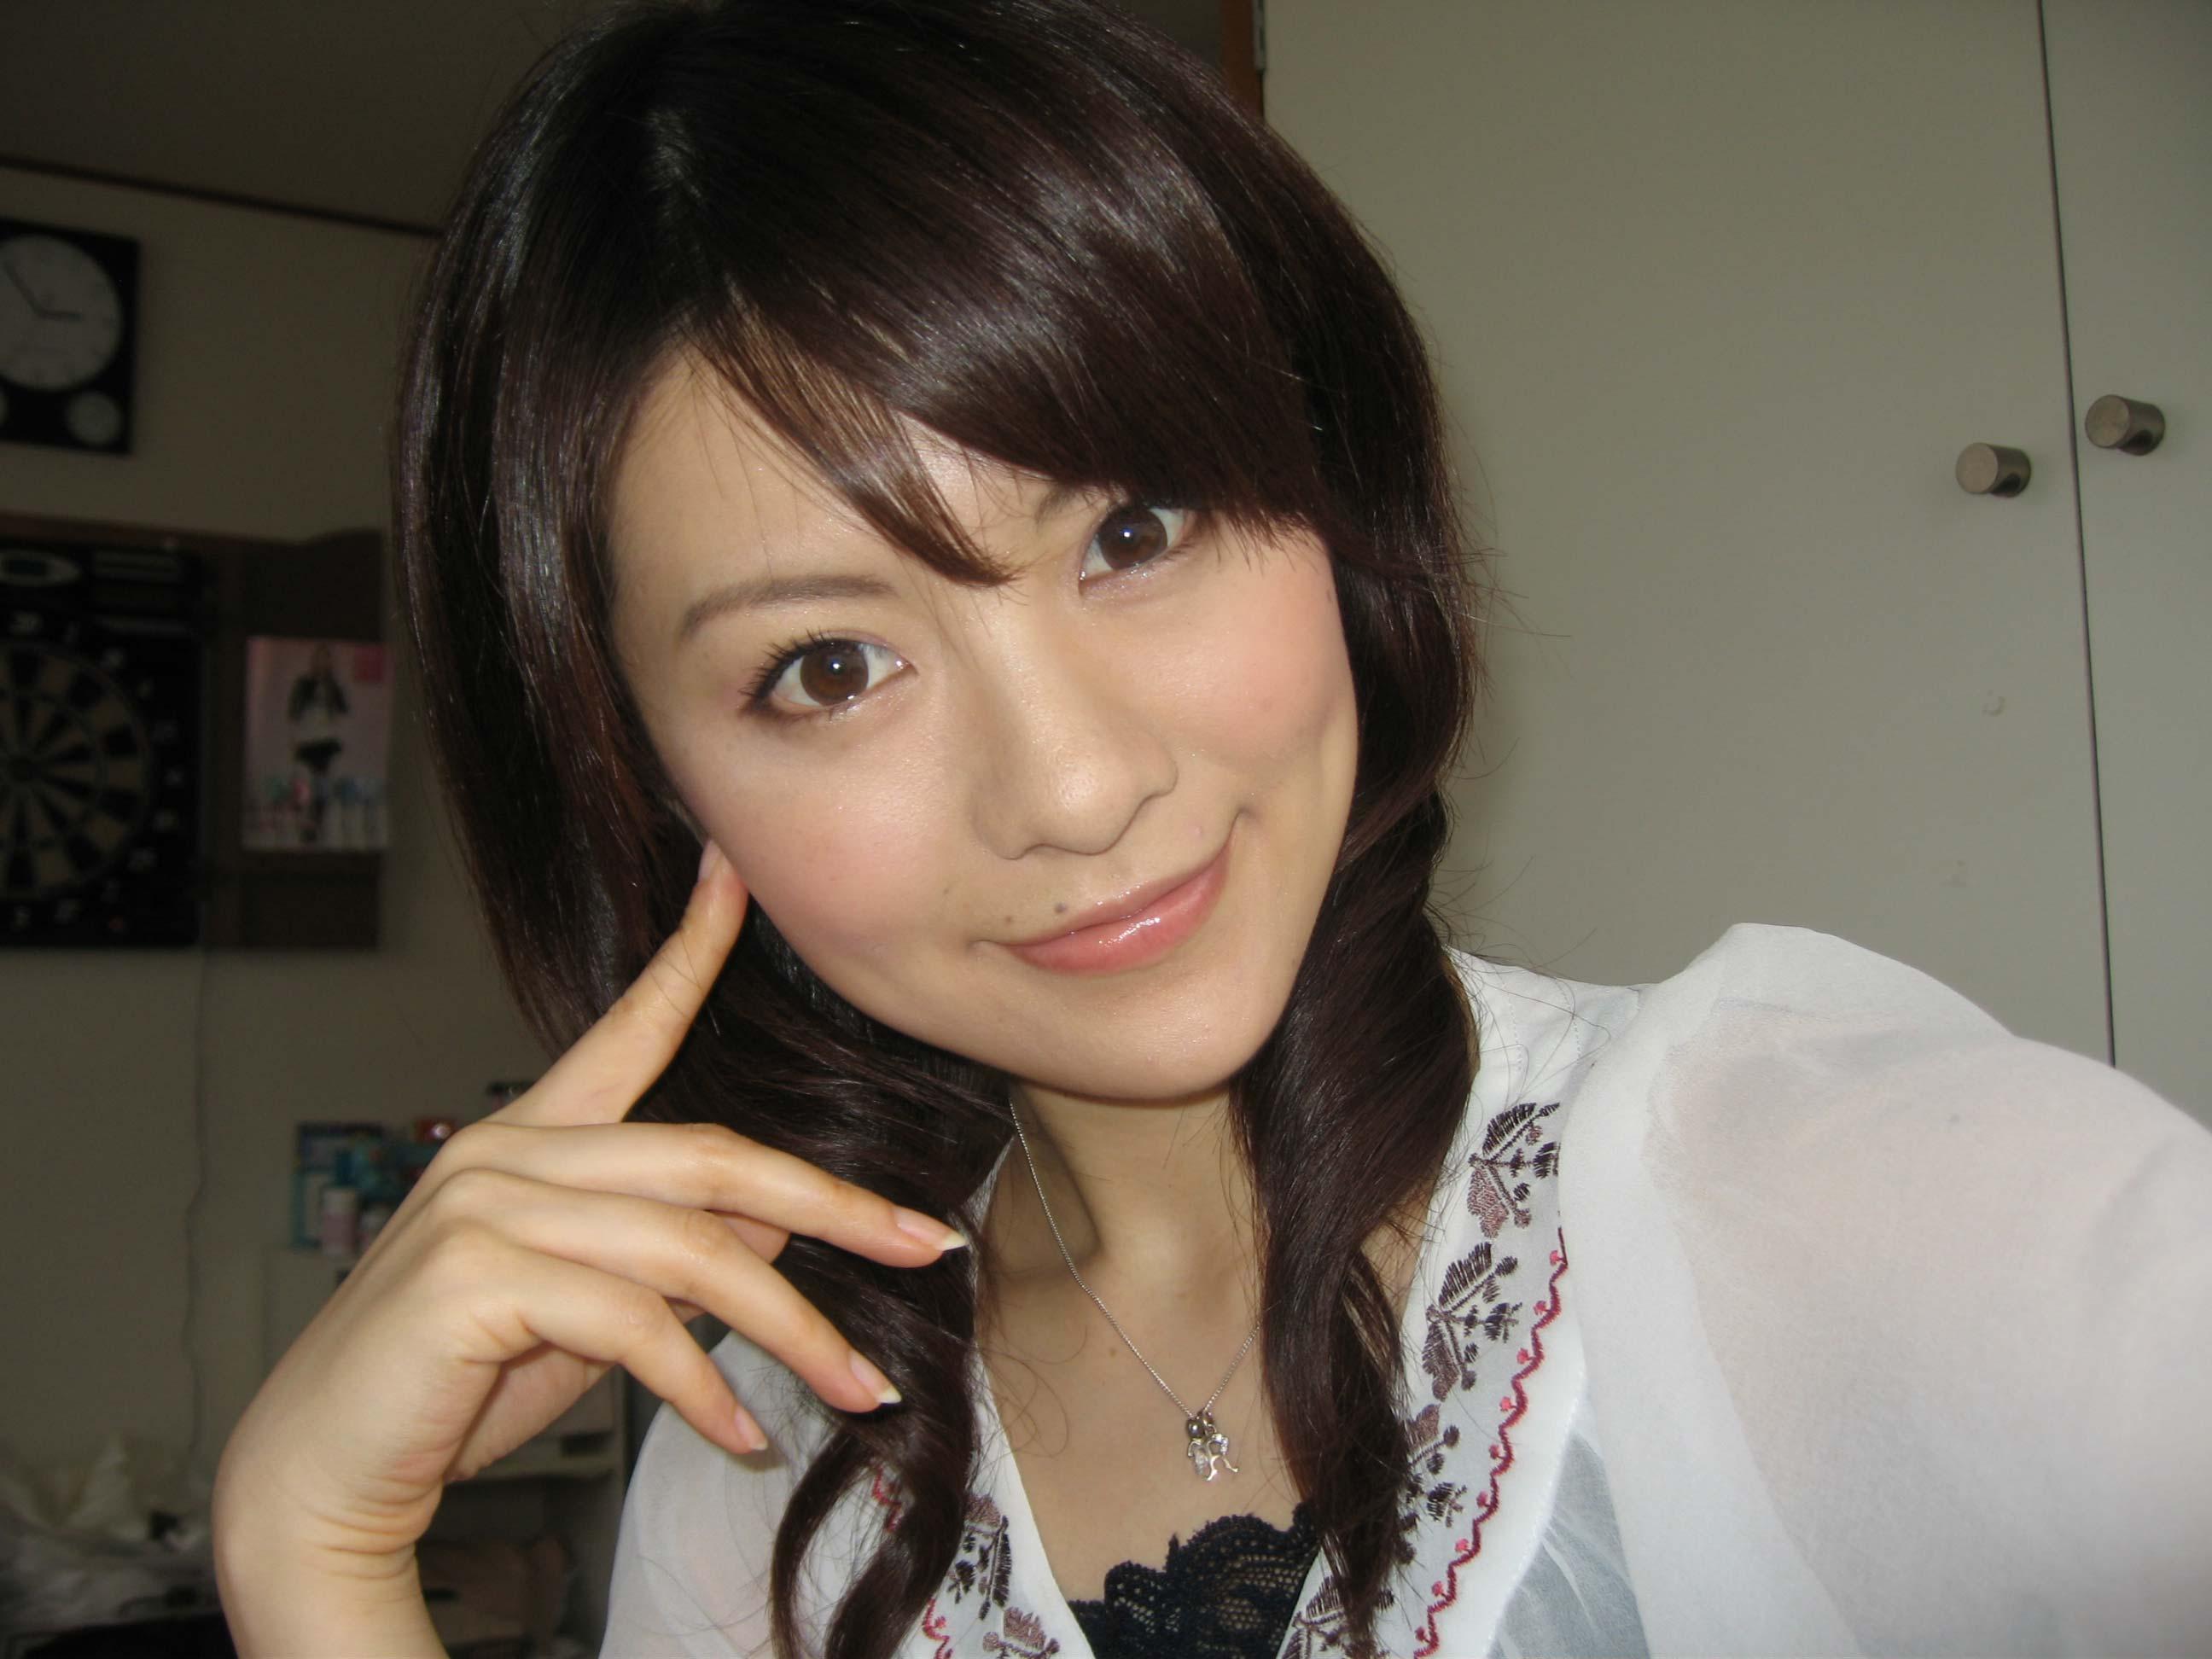 素人 美人 顔アップ 【30枚】可愛いor綺麗な女の子の顔フェチ画像